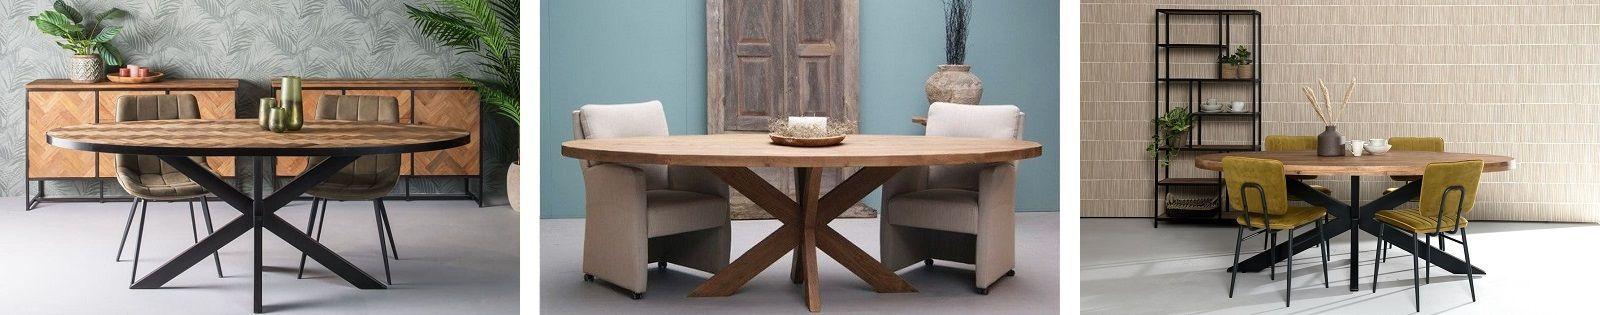 Table de repas ovale en bois massif : acacia, chêne, hévéa, teck, manguier et en bambou, rotin, fer forgé